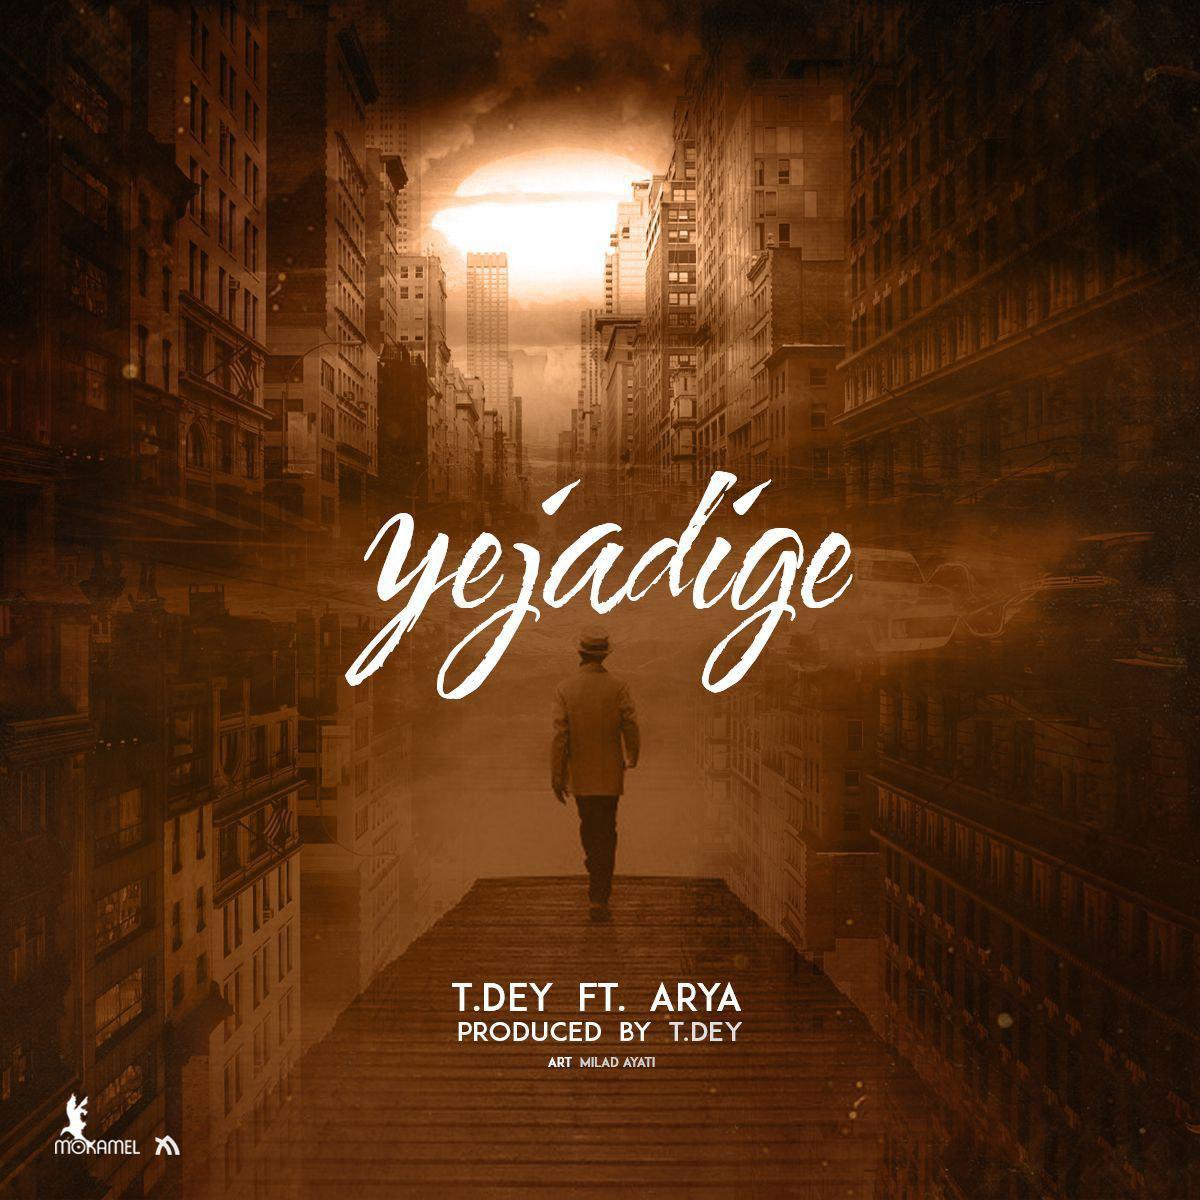 T-Dey Ft Arya – Ye Ja Dige